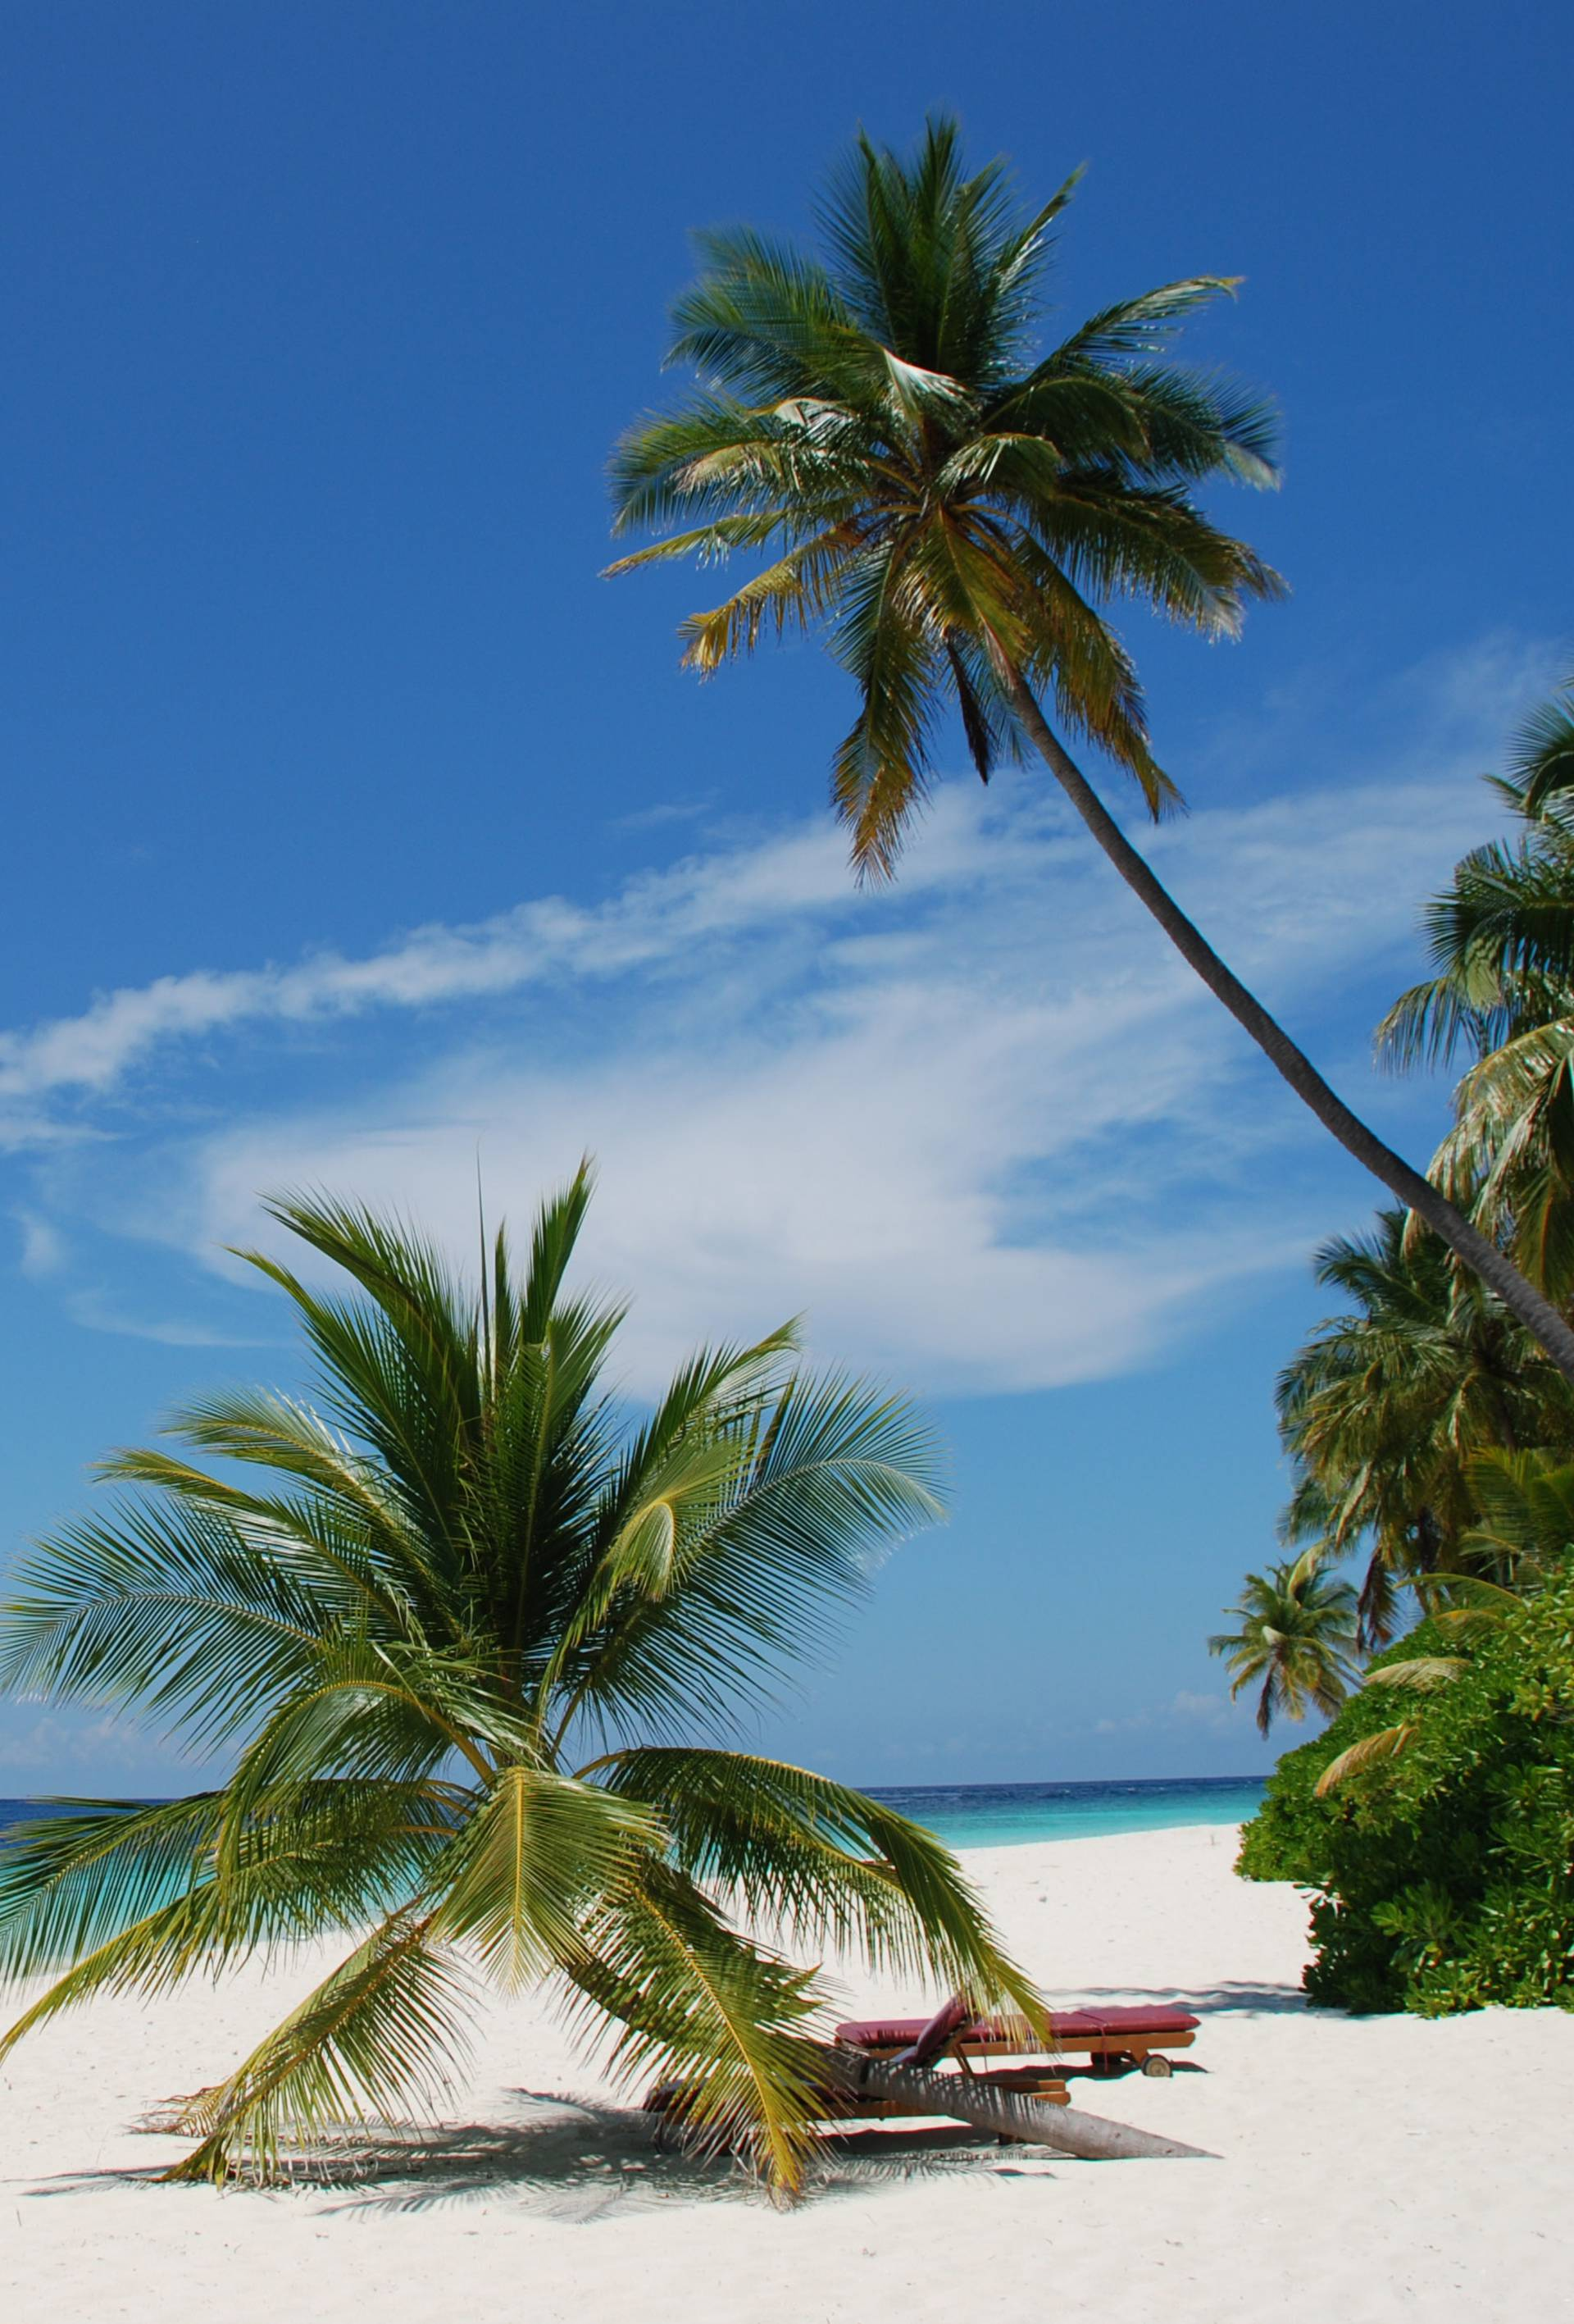 Preselite svoj kućni ured na Maldive: Sedam noćenja za dvoje ljudi iznosi 15.000 kuna